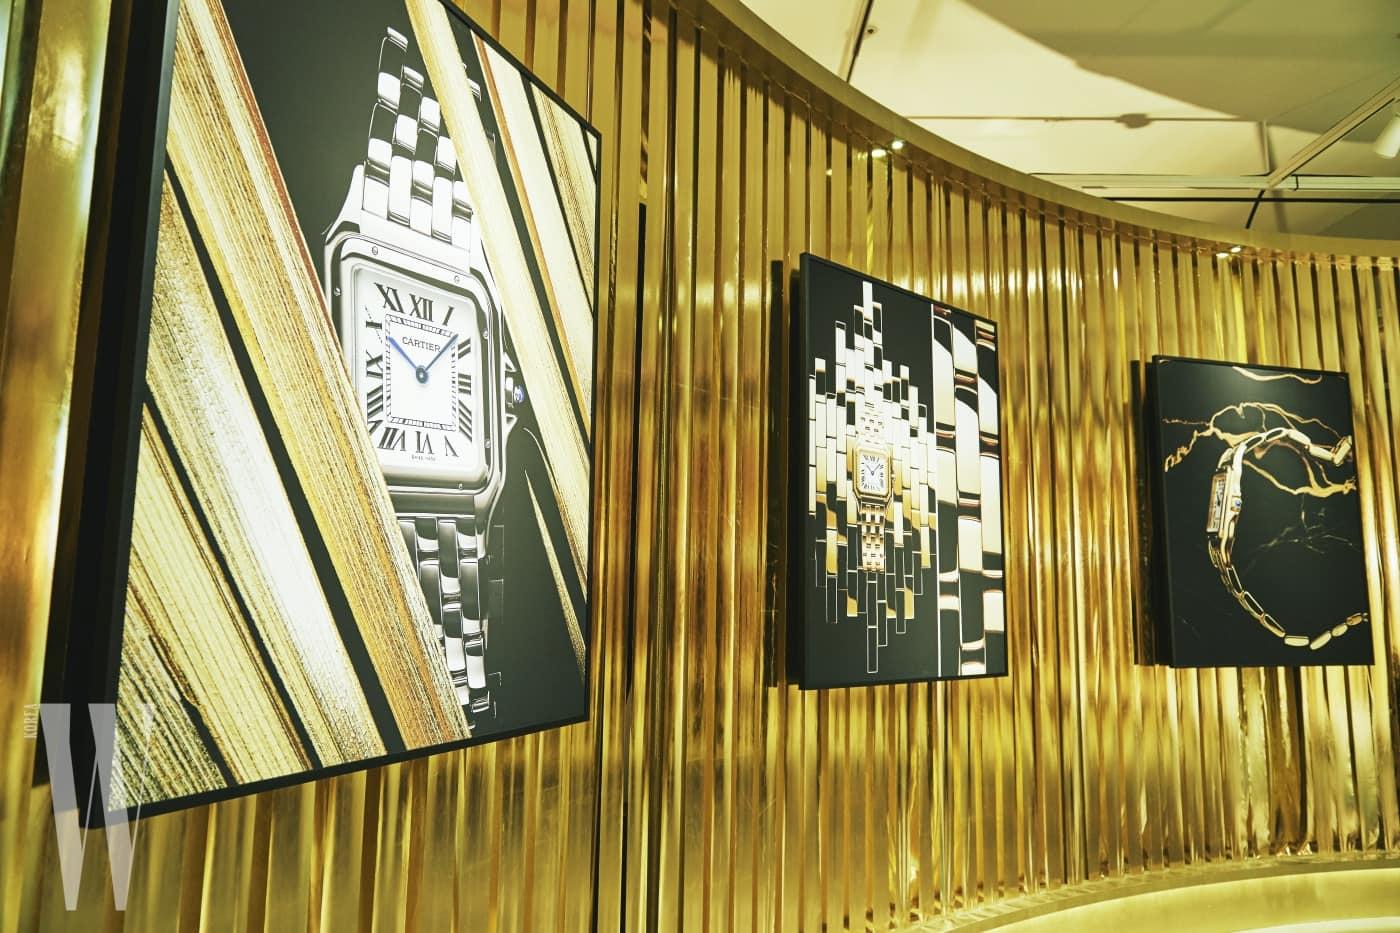 1983년 첫선을 보인 팬더 드 까르띠에 워치를 모던하게 재해석한 뉴 팬더 드 까르띠에 워치의 아티스틱한 이미지들. 분더샵 청담에선 까르띠에 메종 청담과 함께 국내 최초로 팬더 드 까르띠에 워치를 소개한다.